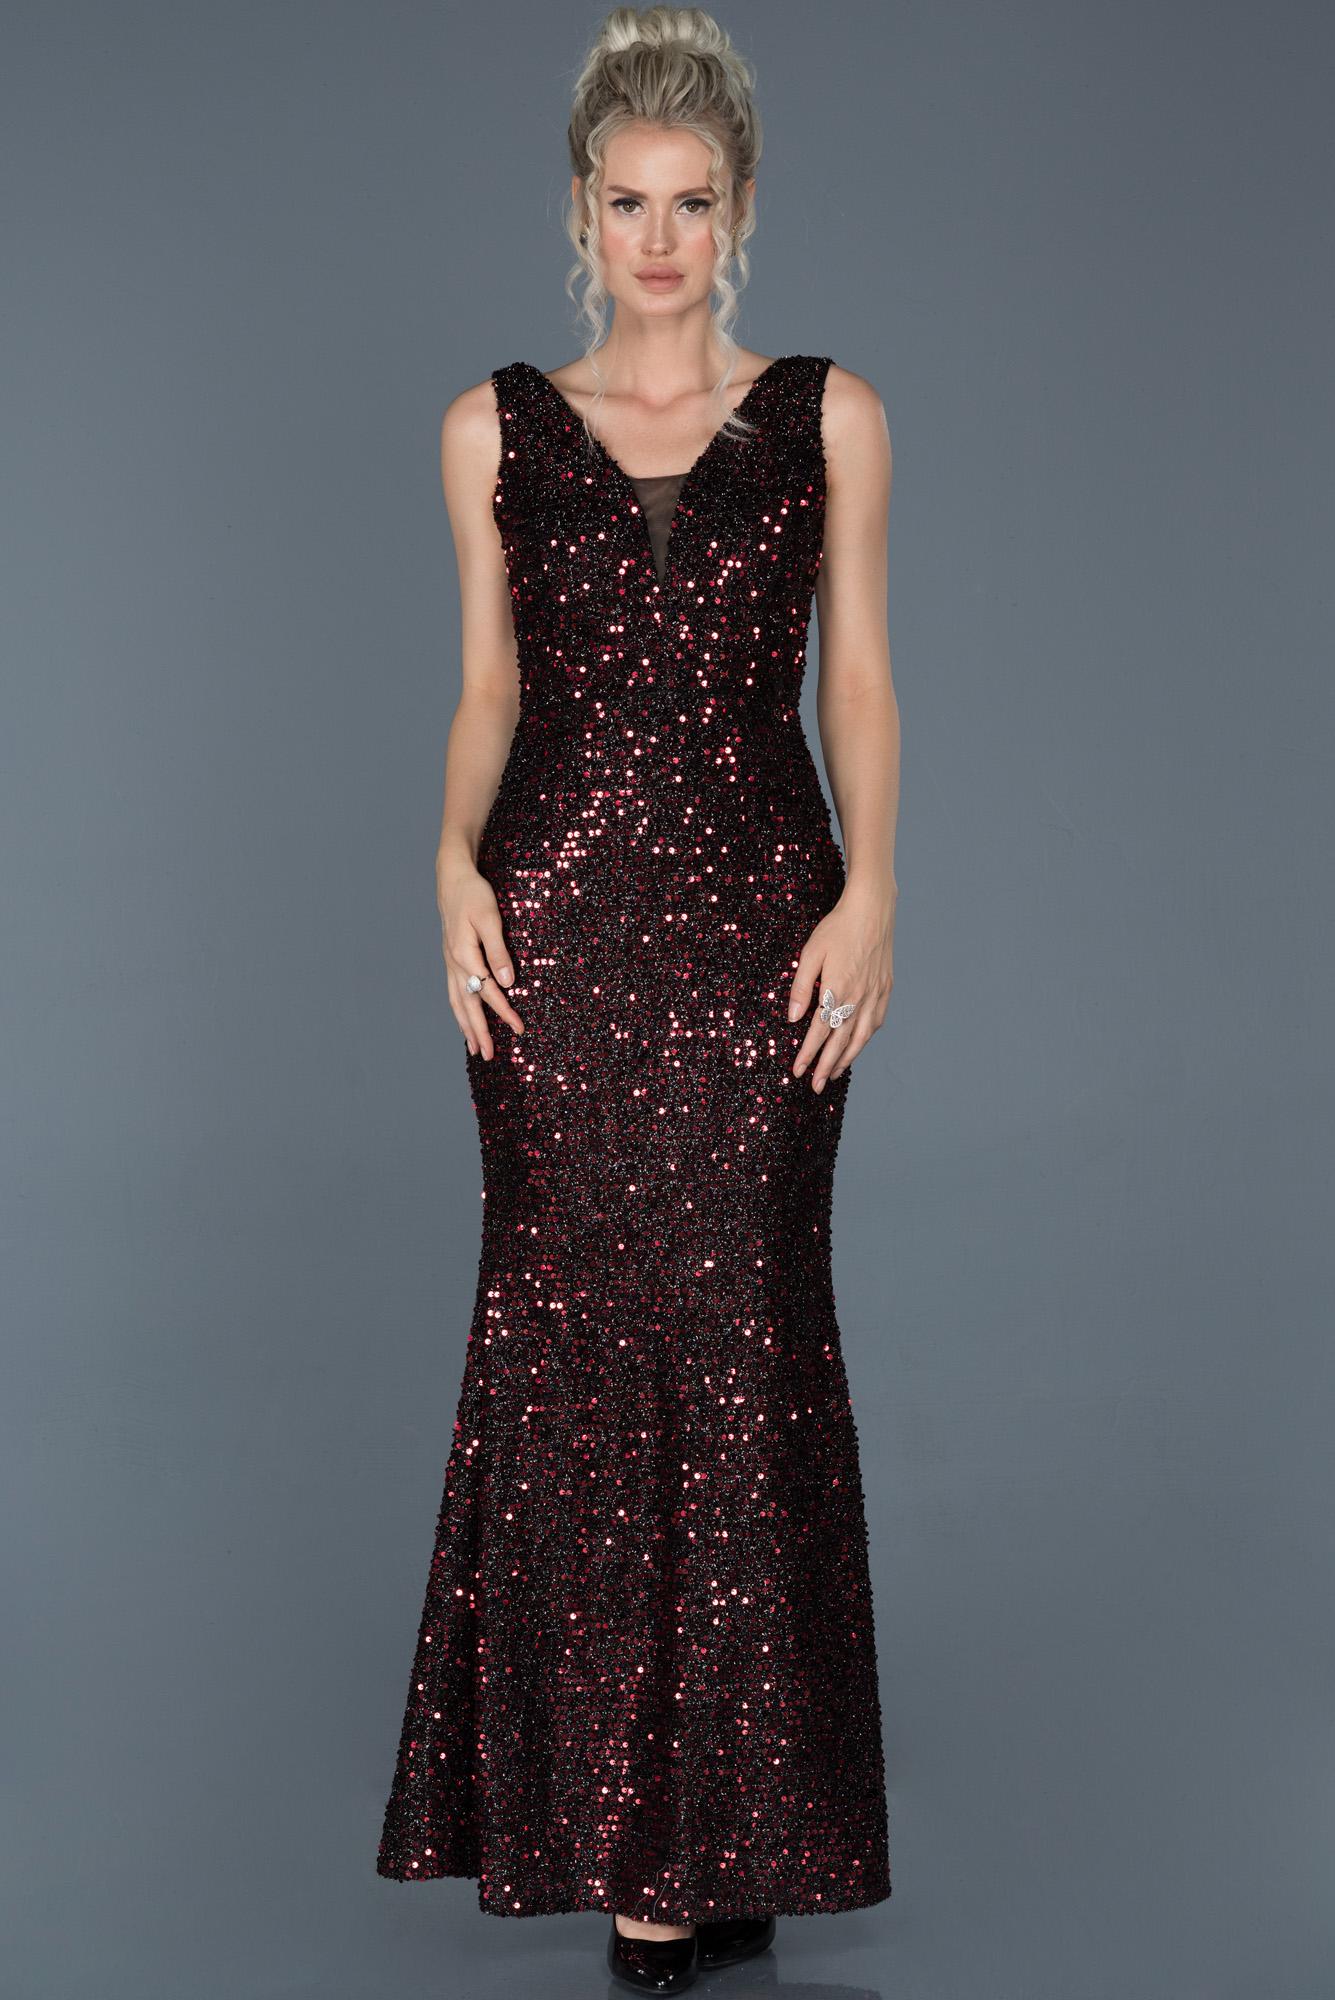 Siyah-Kırmızı Uzun Payetli Balık Abiye Elbise